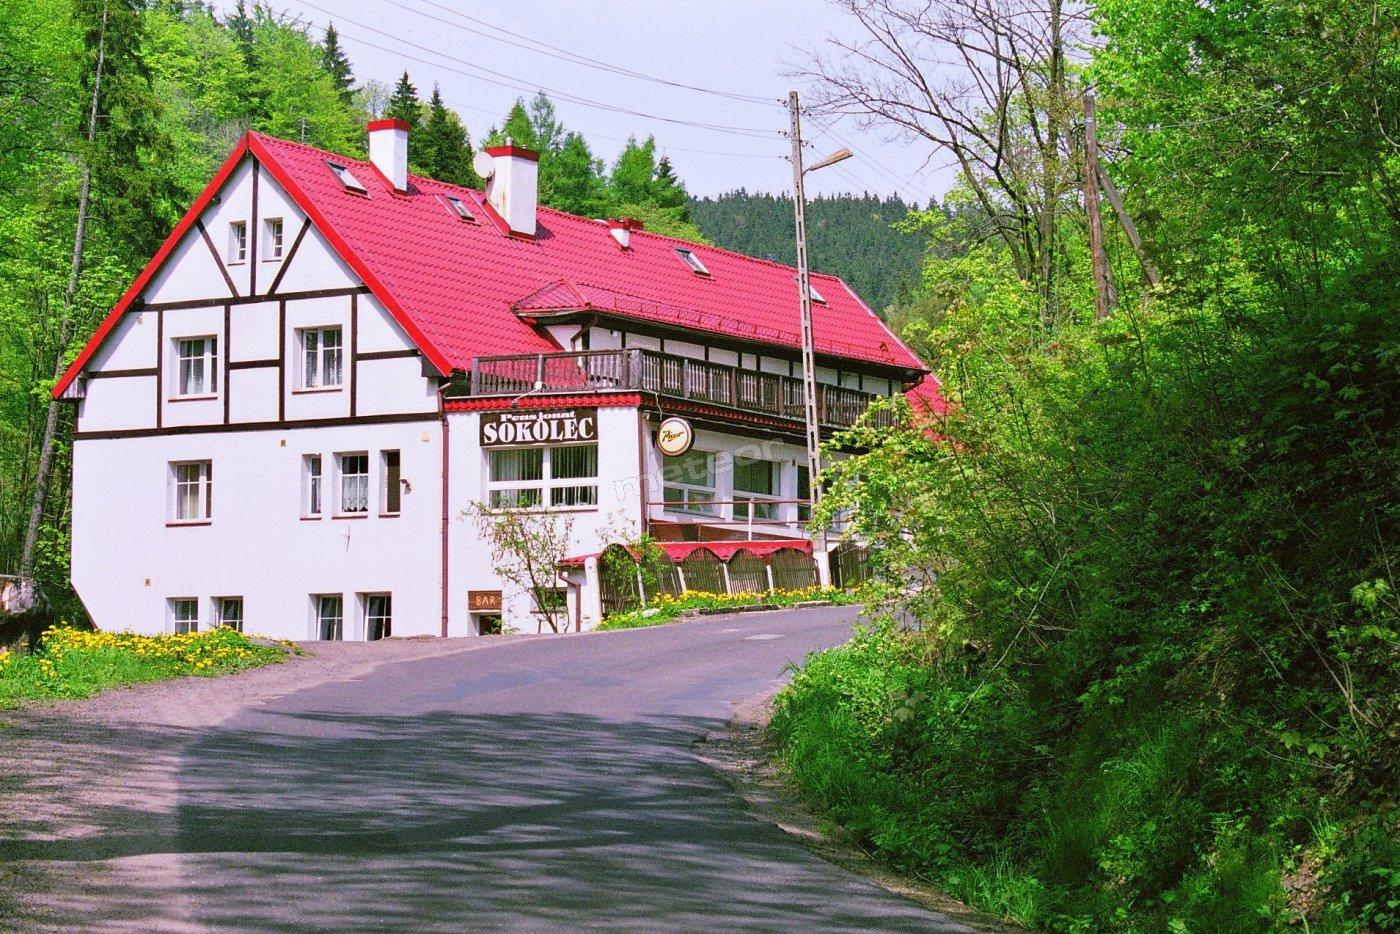 Pension Sokolec